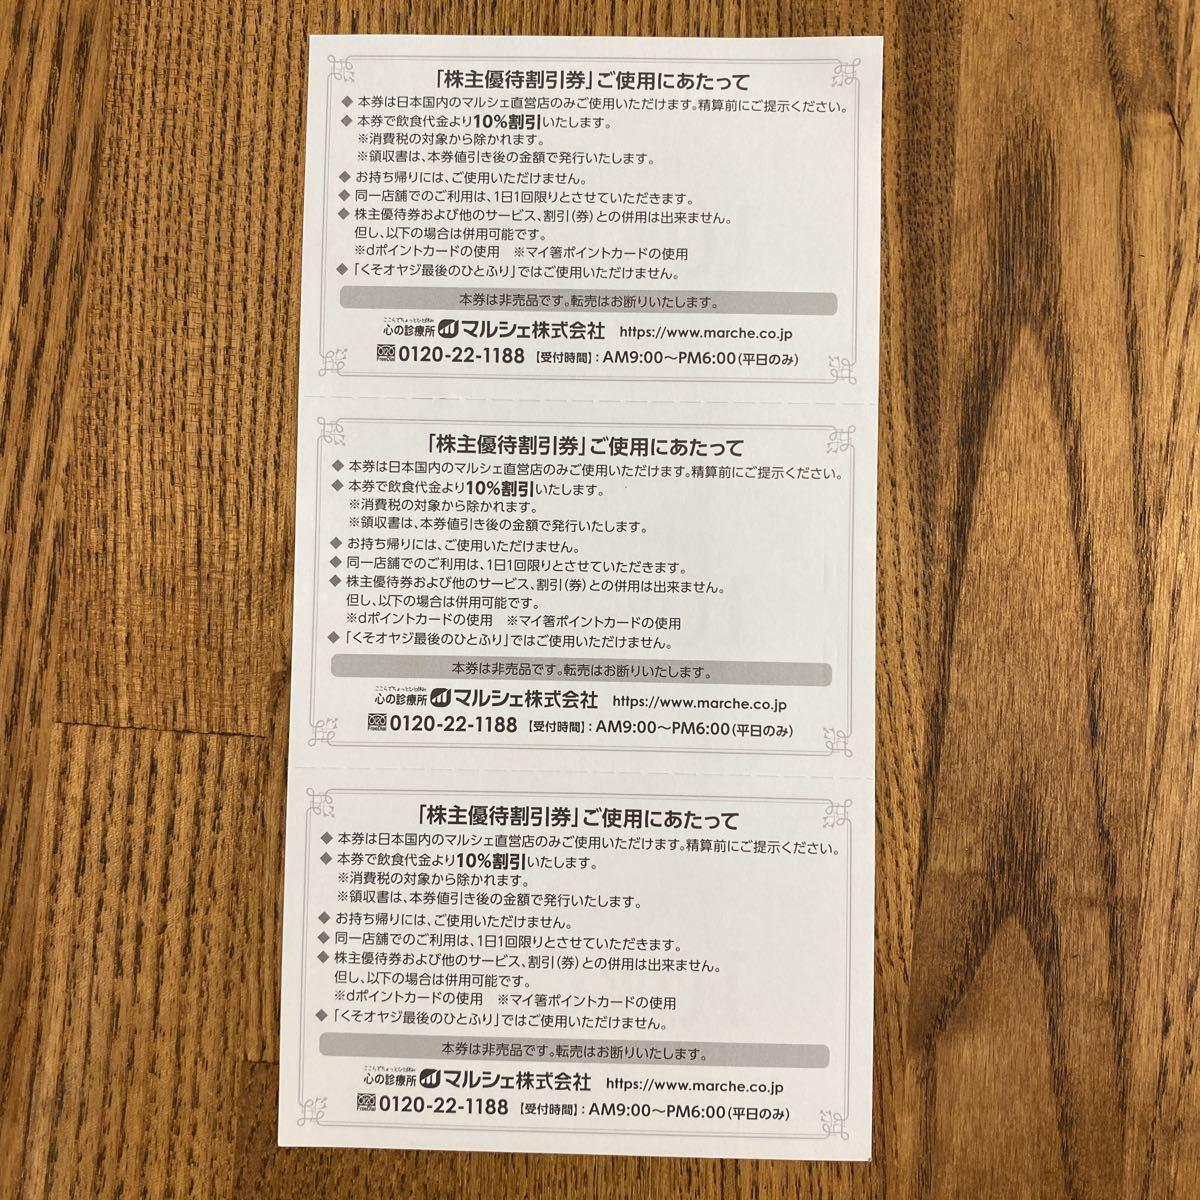 マルシェ株主優待券 10%OFF券3枚(送料込)_画像2